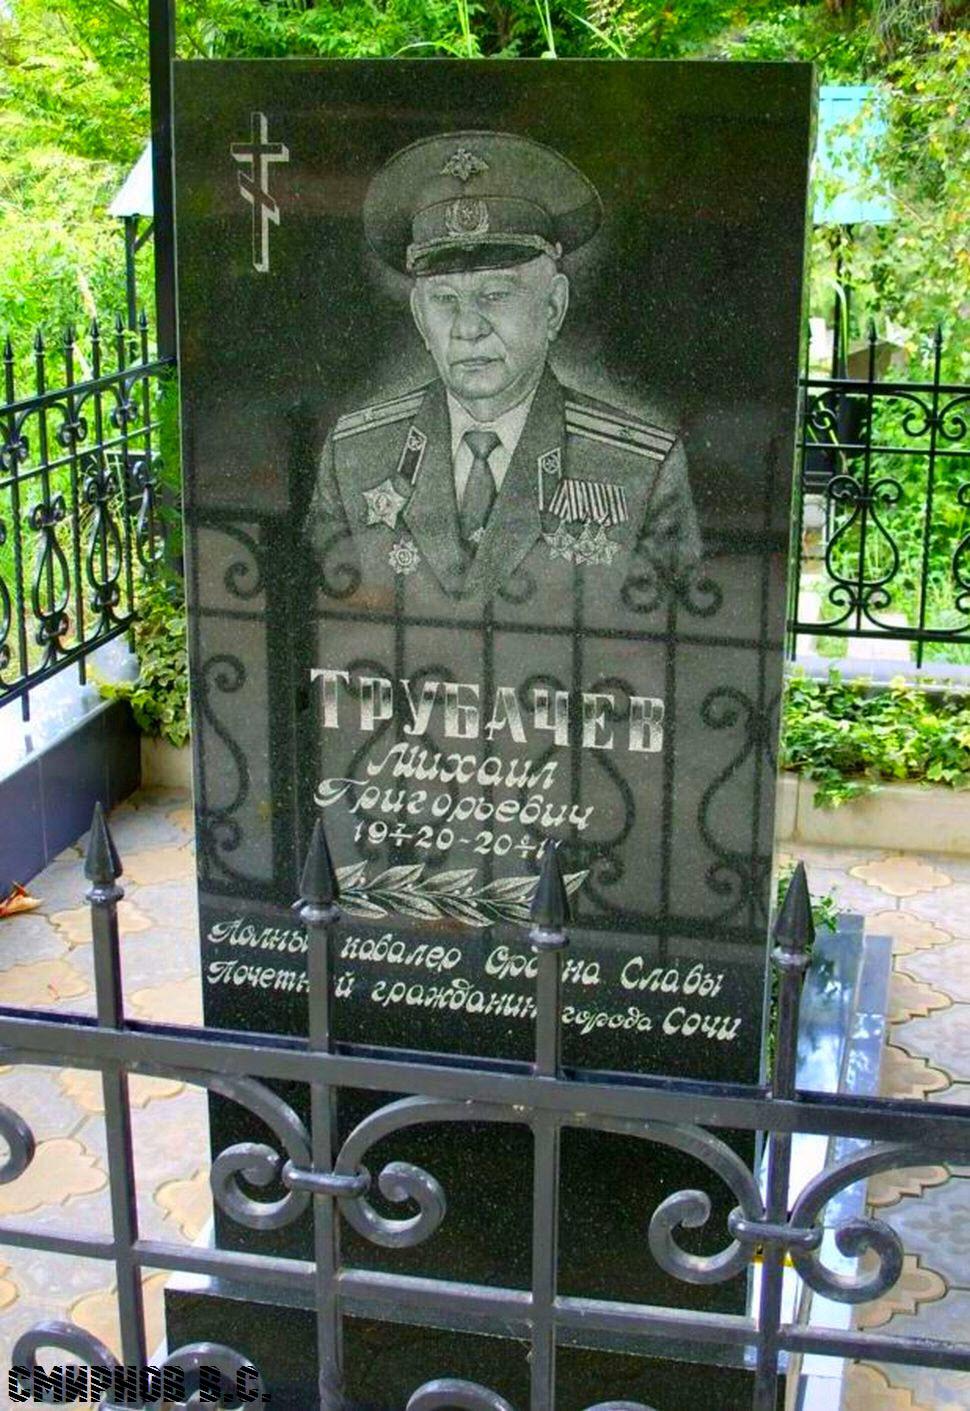 Трубачёв М.Г.